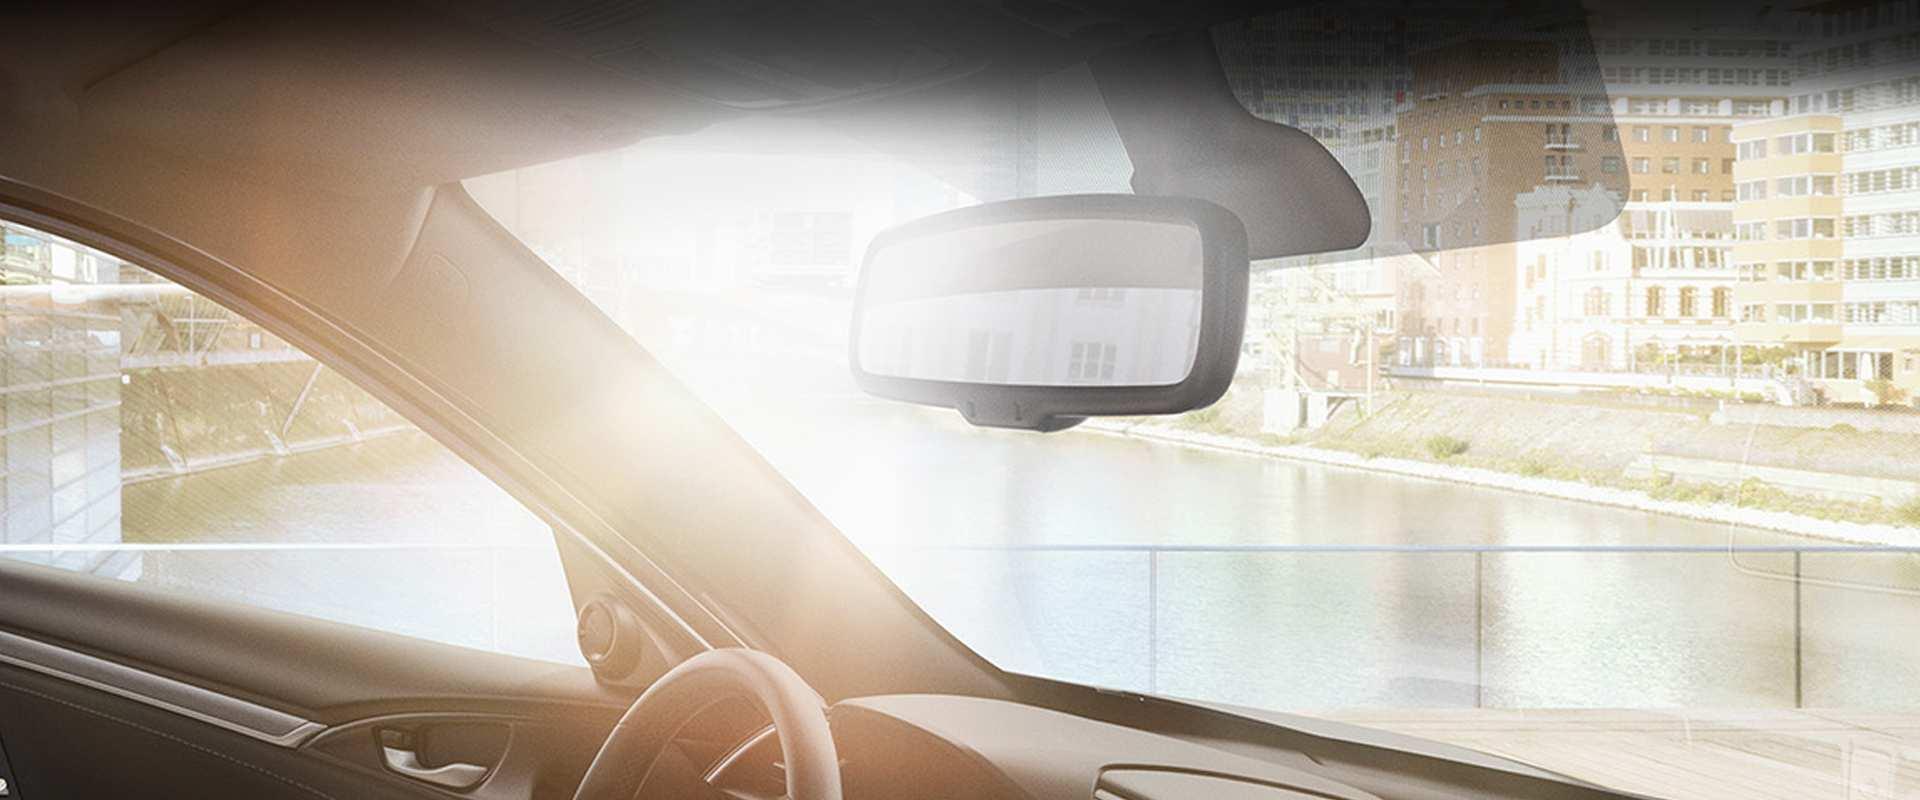 Para-brisa com isolamento acústico - Para-brisa com tecnologias para reduzir ruídos no interior do carro e absorção de raios solares UV, tornando o Civic Touring um dos mais silenciosos da categoria.